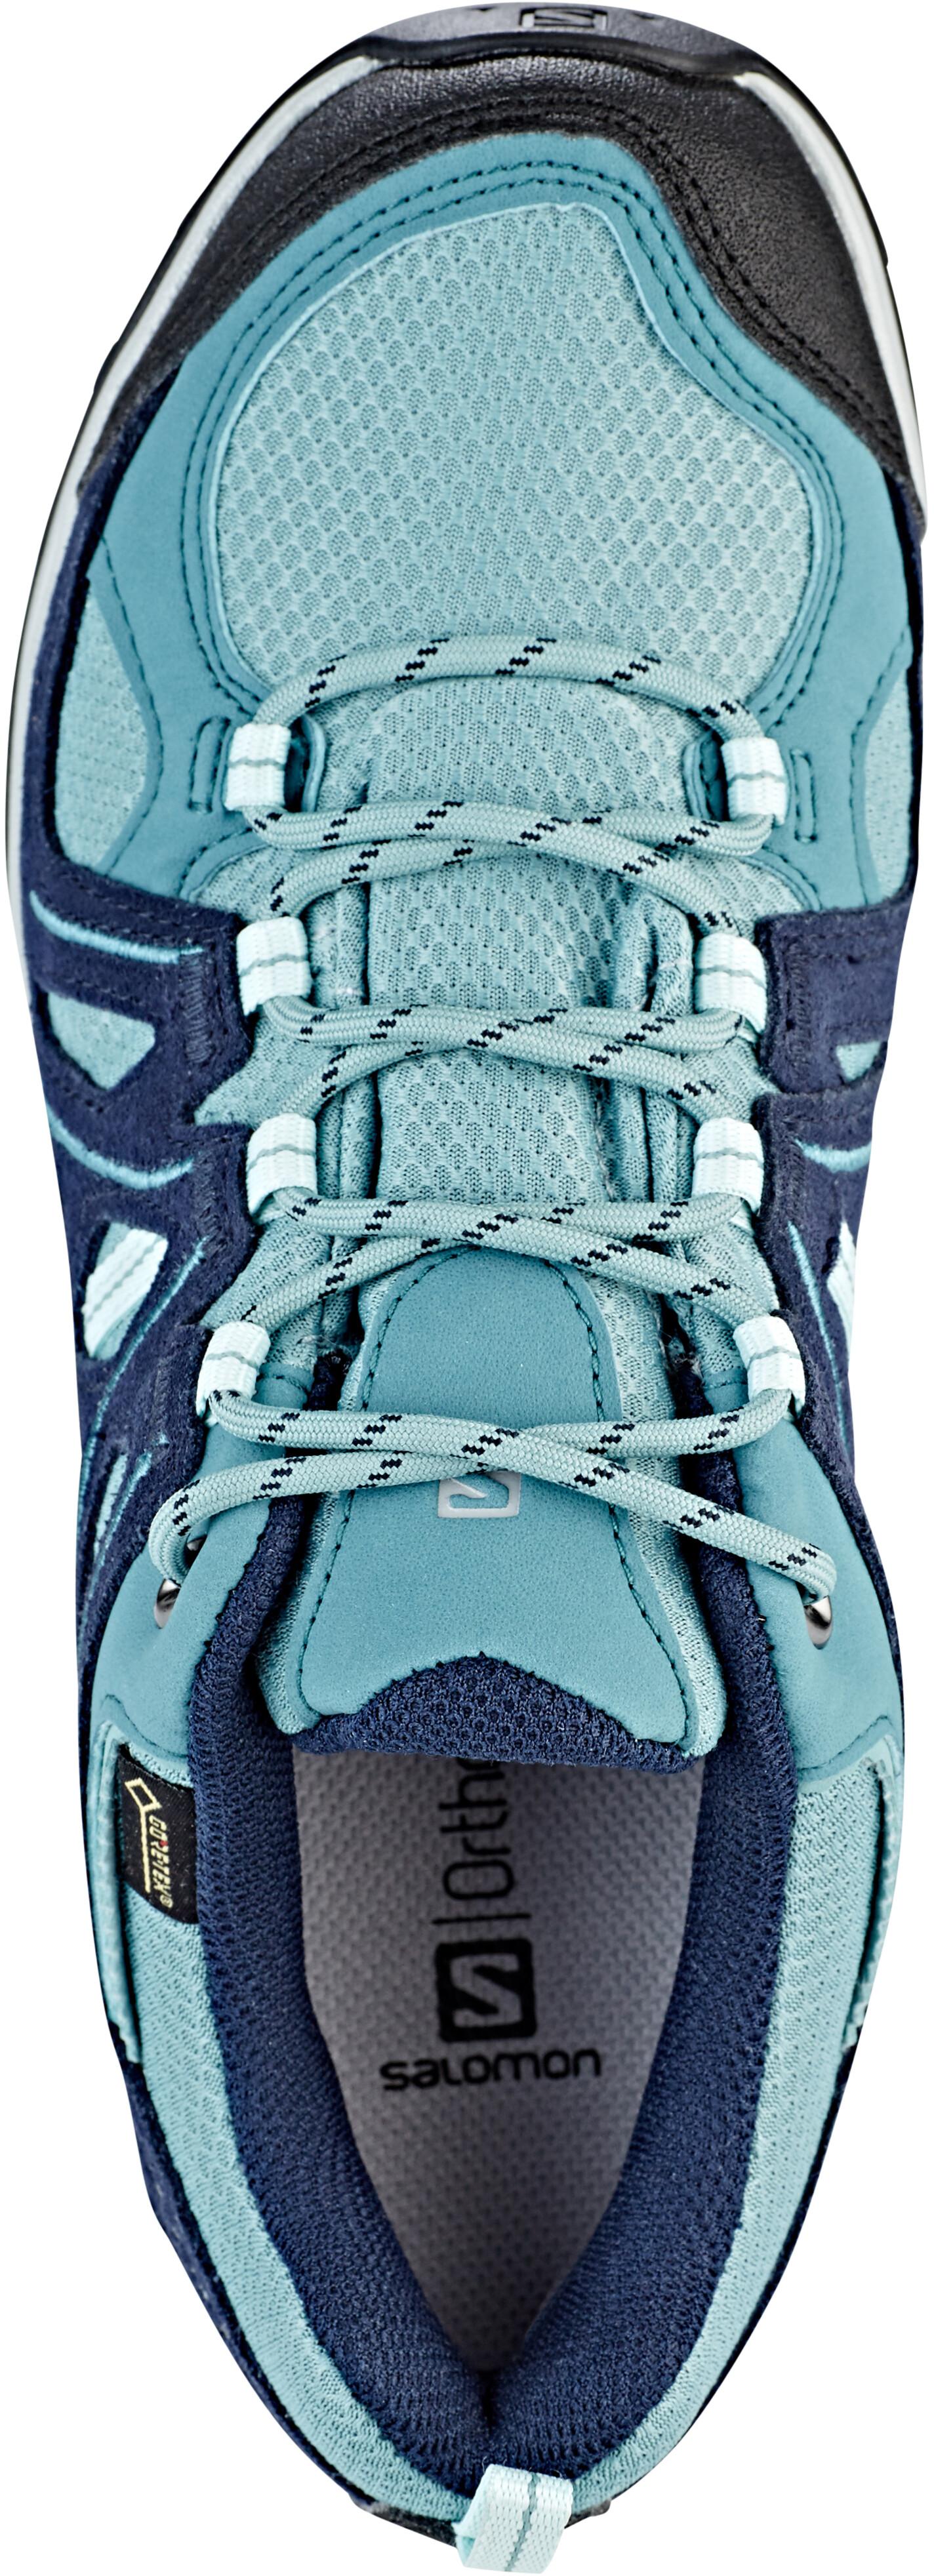 894d238320f Salomon Ellipse 2 GTX - Chaussures Femme - bleu sur CAMPZ !